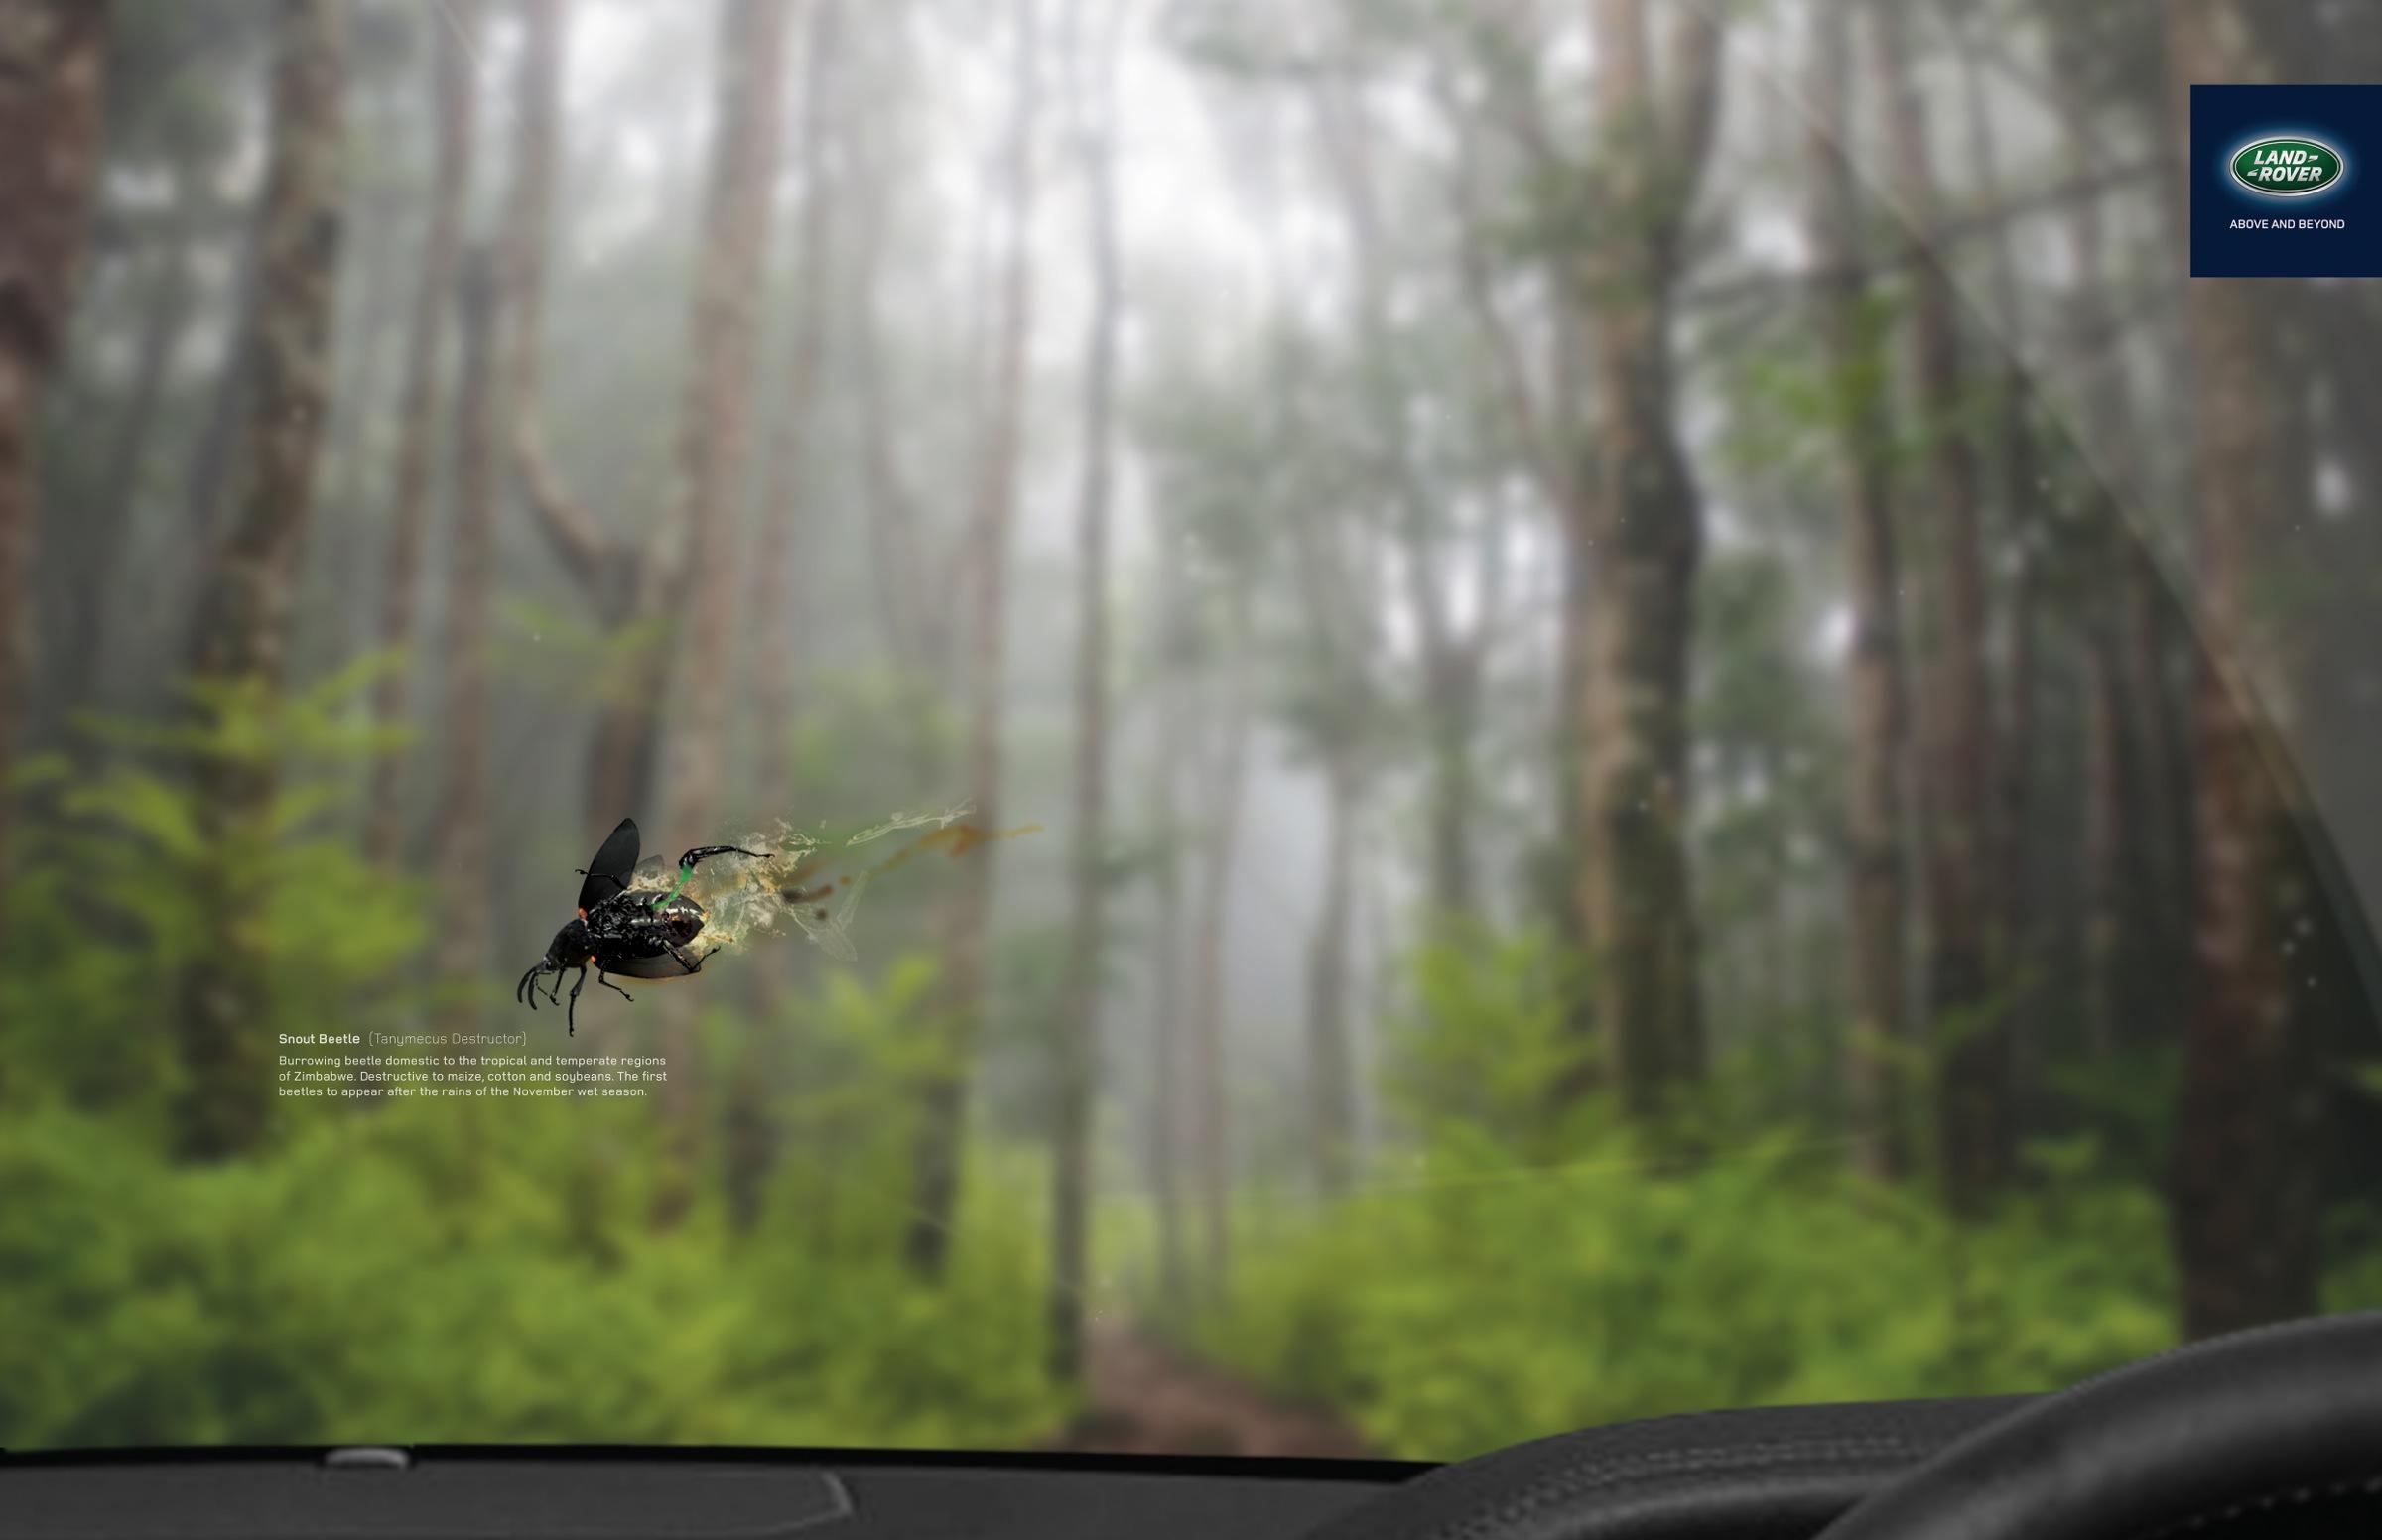 land_rover-snout_beetle_aotw